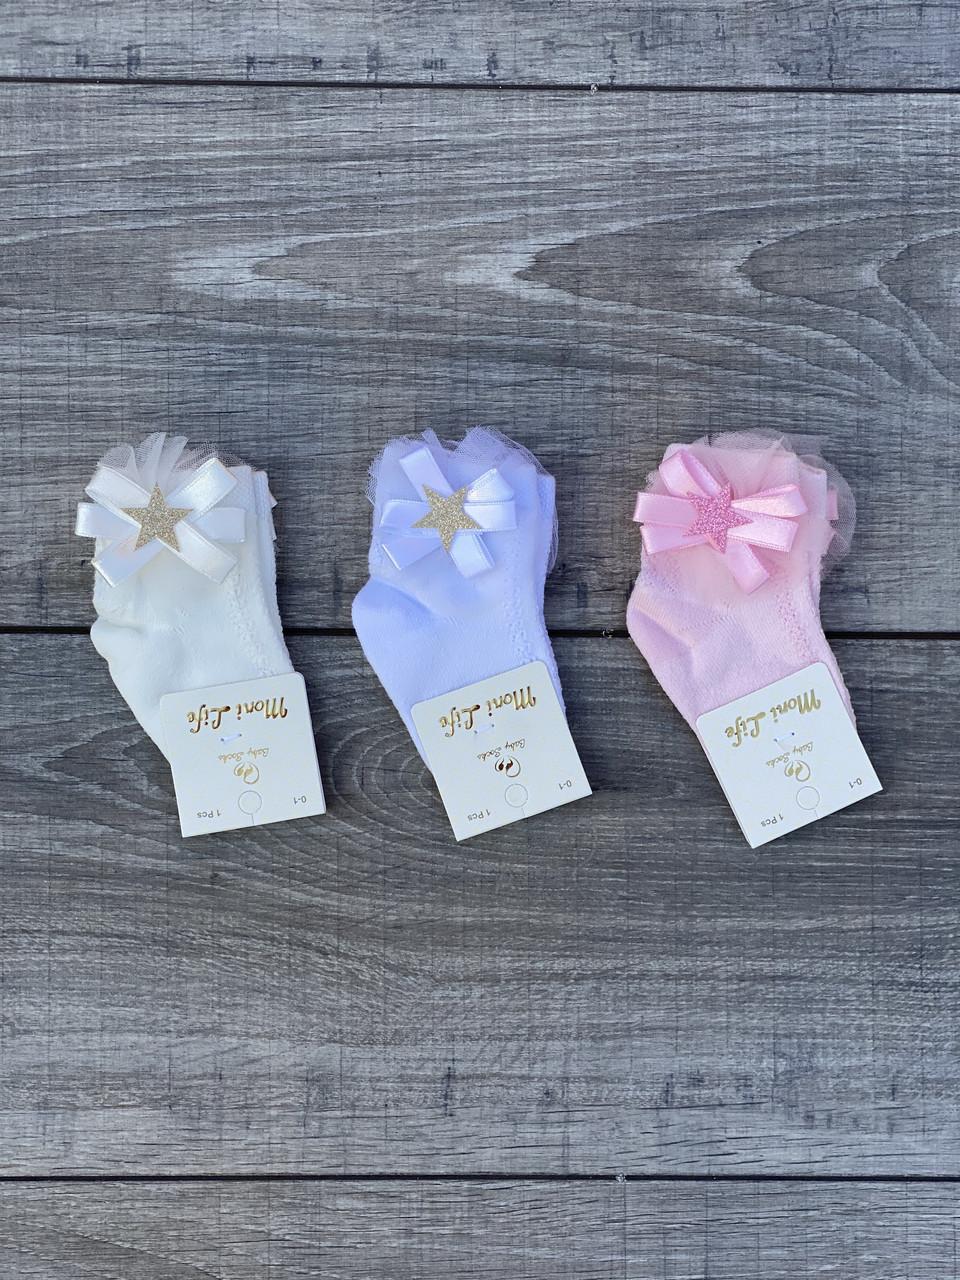 Шкарпетки дитячі Moni Life бавовняні для дівчаток 0-1,1-2 3-4 роки 12 шт в уп світле асорті з бантиками